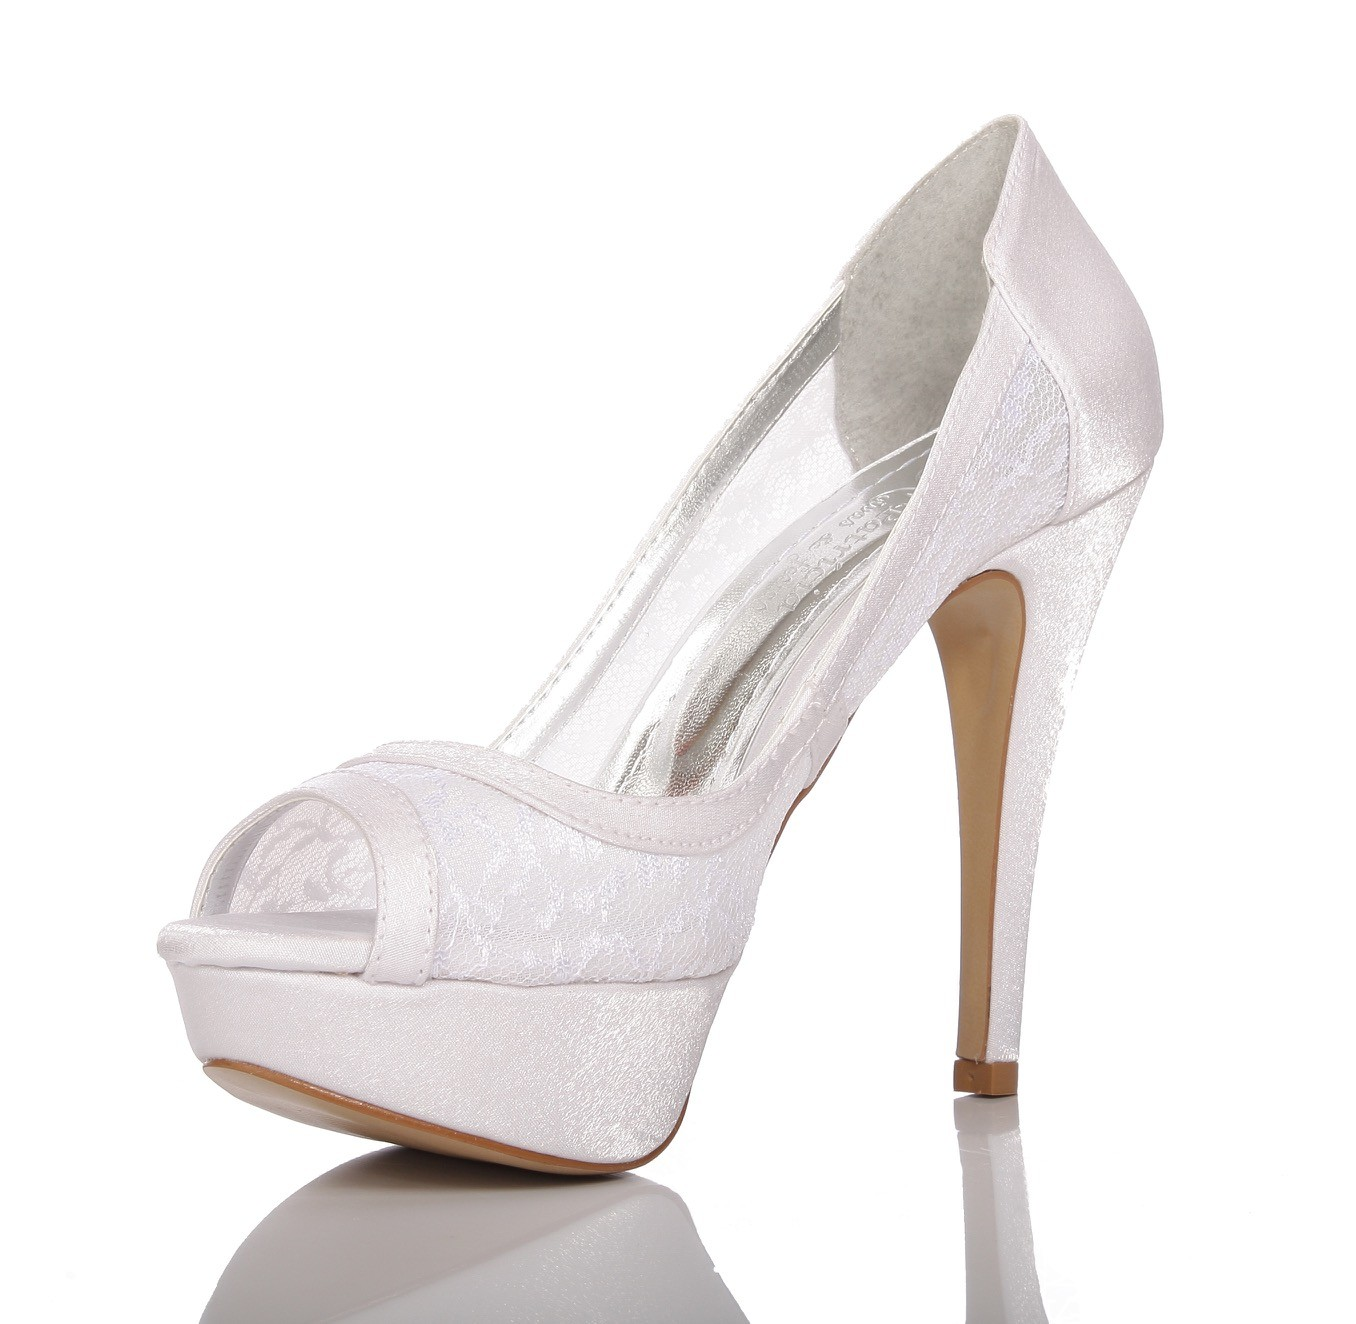 Sapato de Noiva Peep Toe Branco Rendado - PN 46